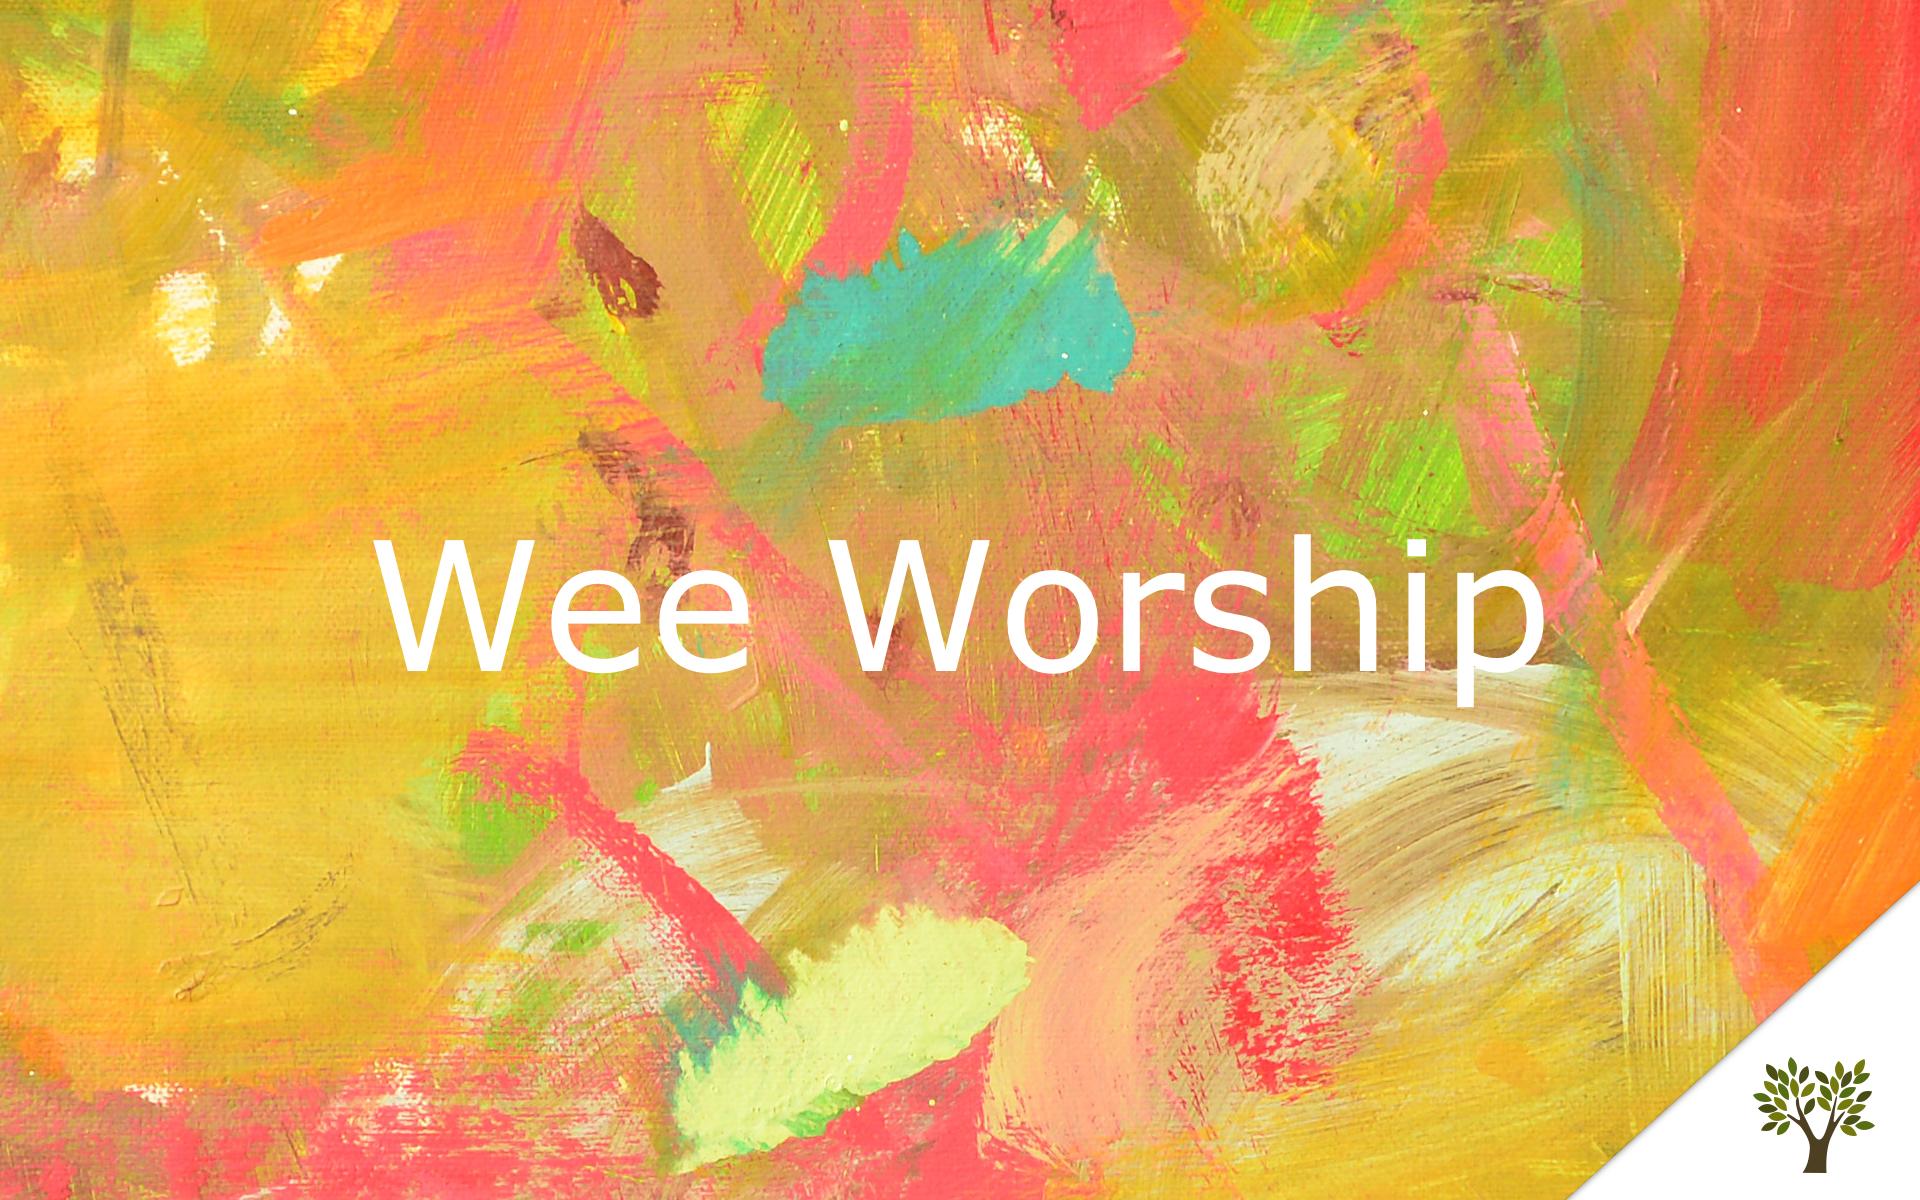 Wee Worship - February 2016